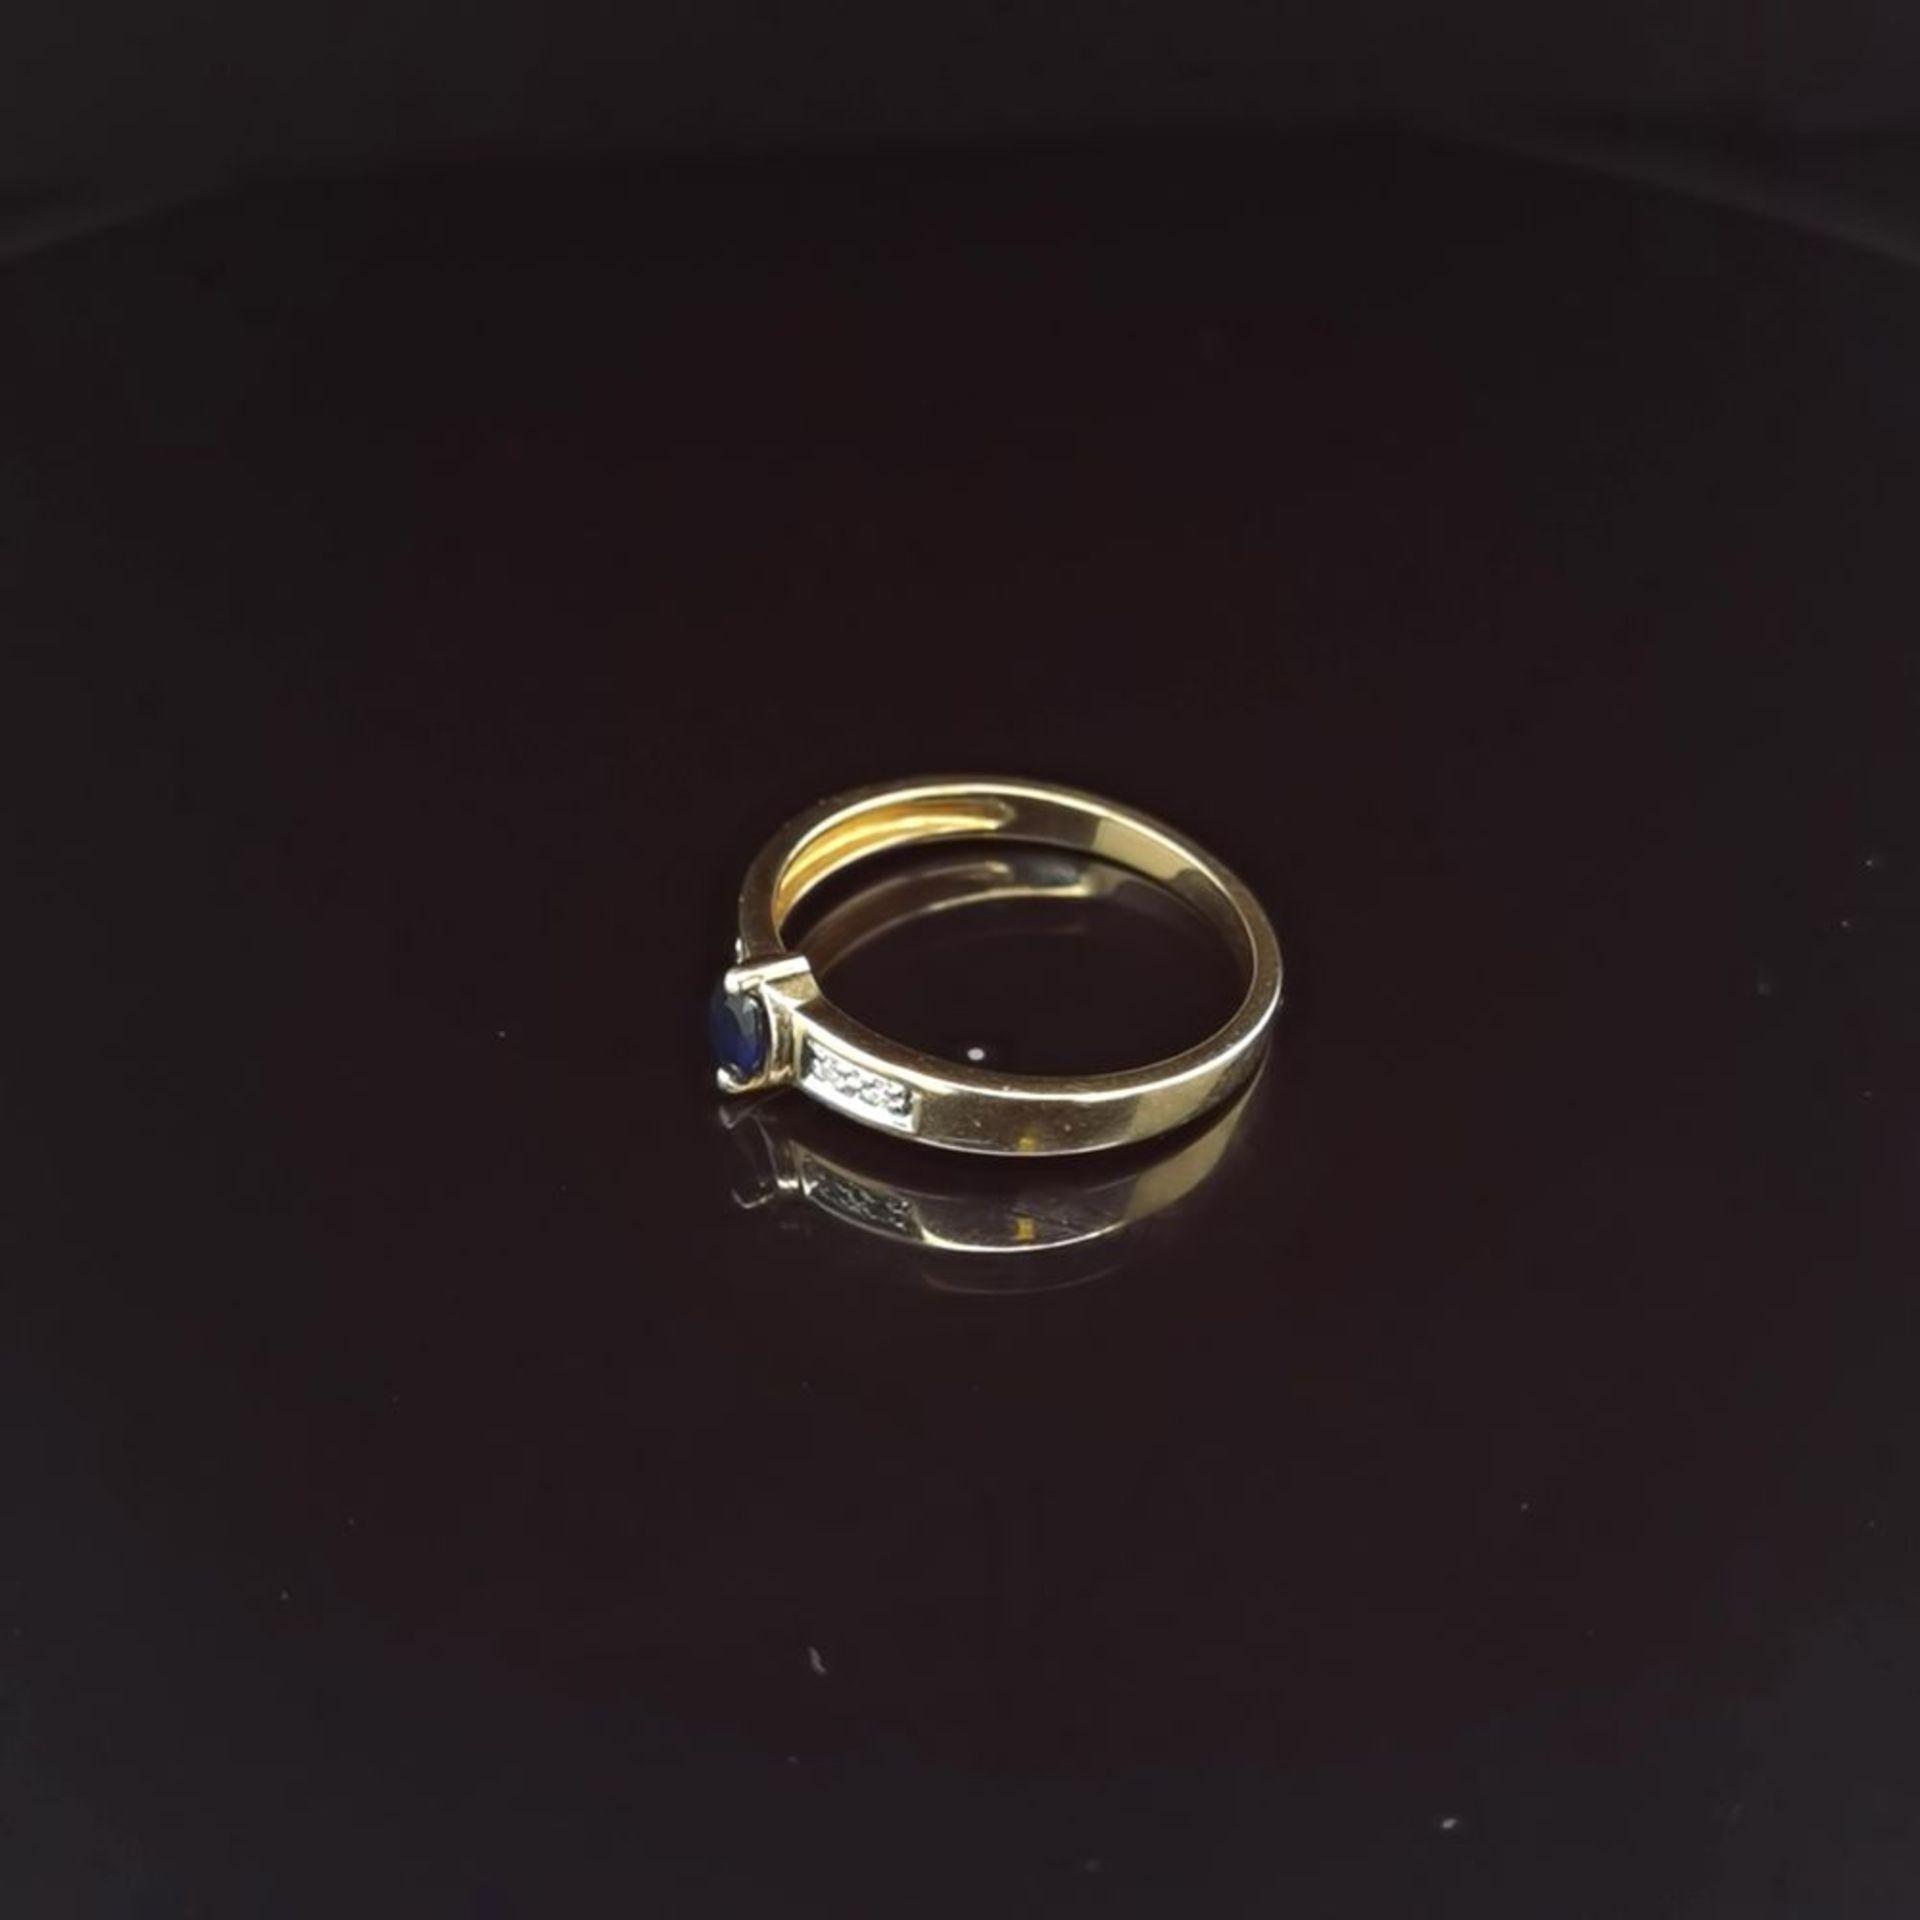 Saphir-Diamant-Ring, 585 Gelbgold 2,1 - Image 2 of 3